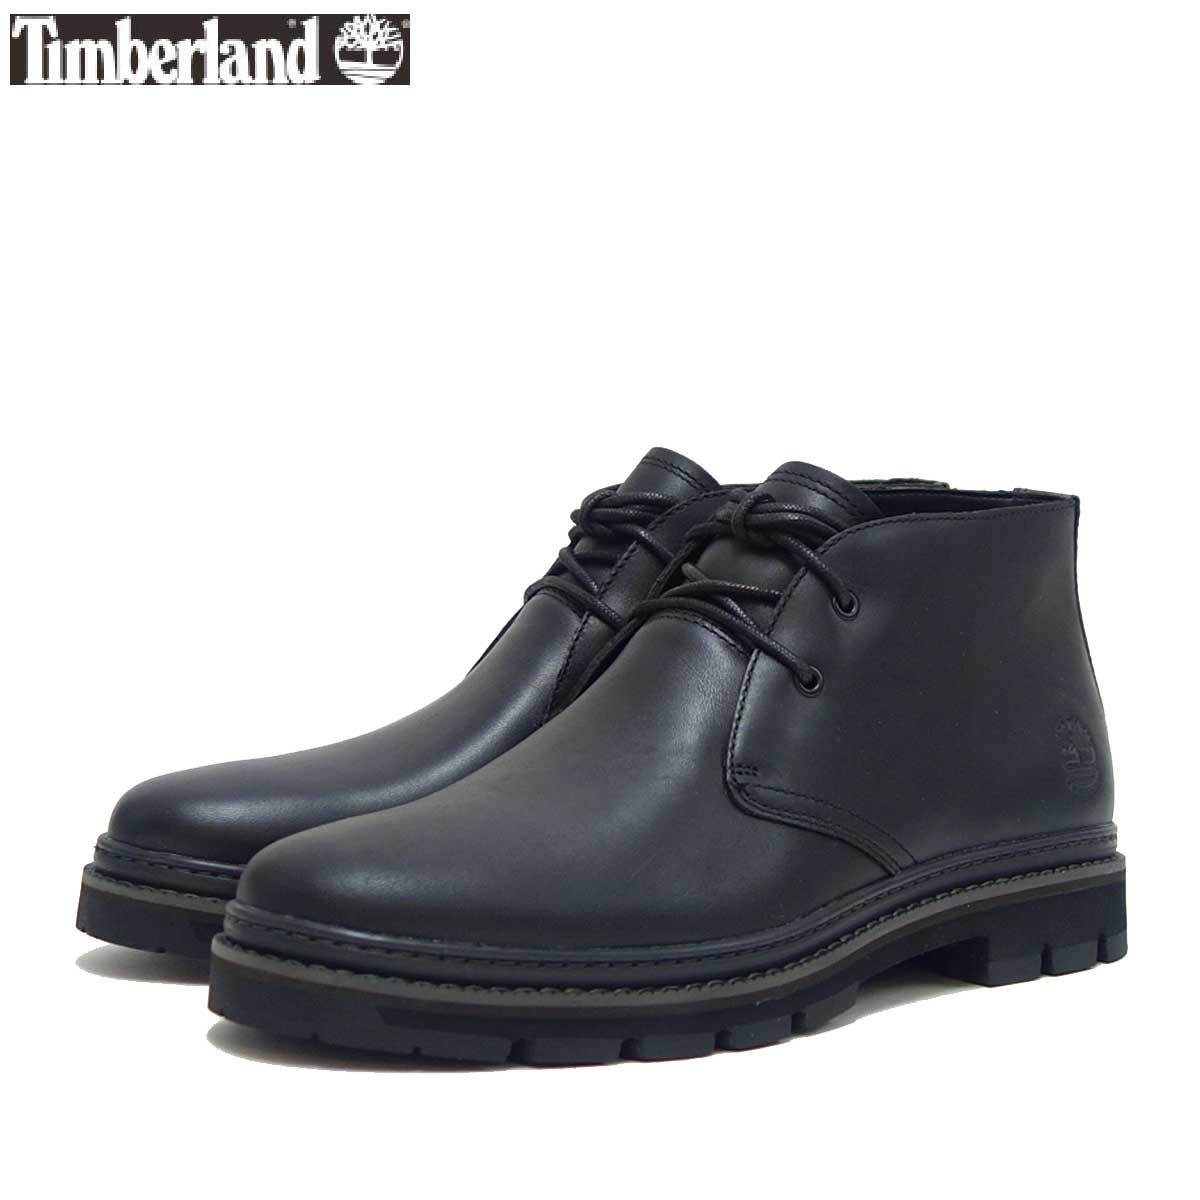 Timberland ティンバーランド a291b PORT UNION (ブラック) ウォータープルーフ チャッカ「靴」